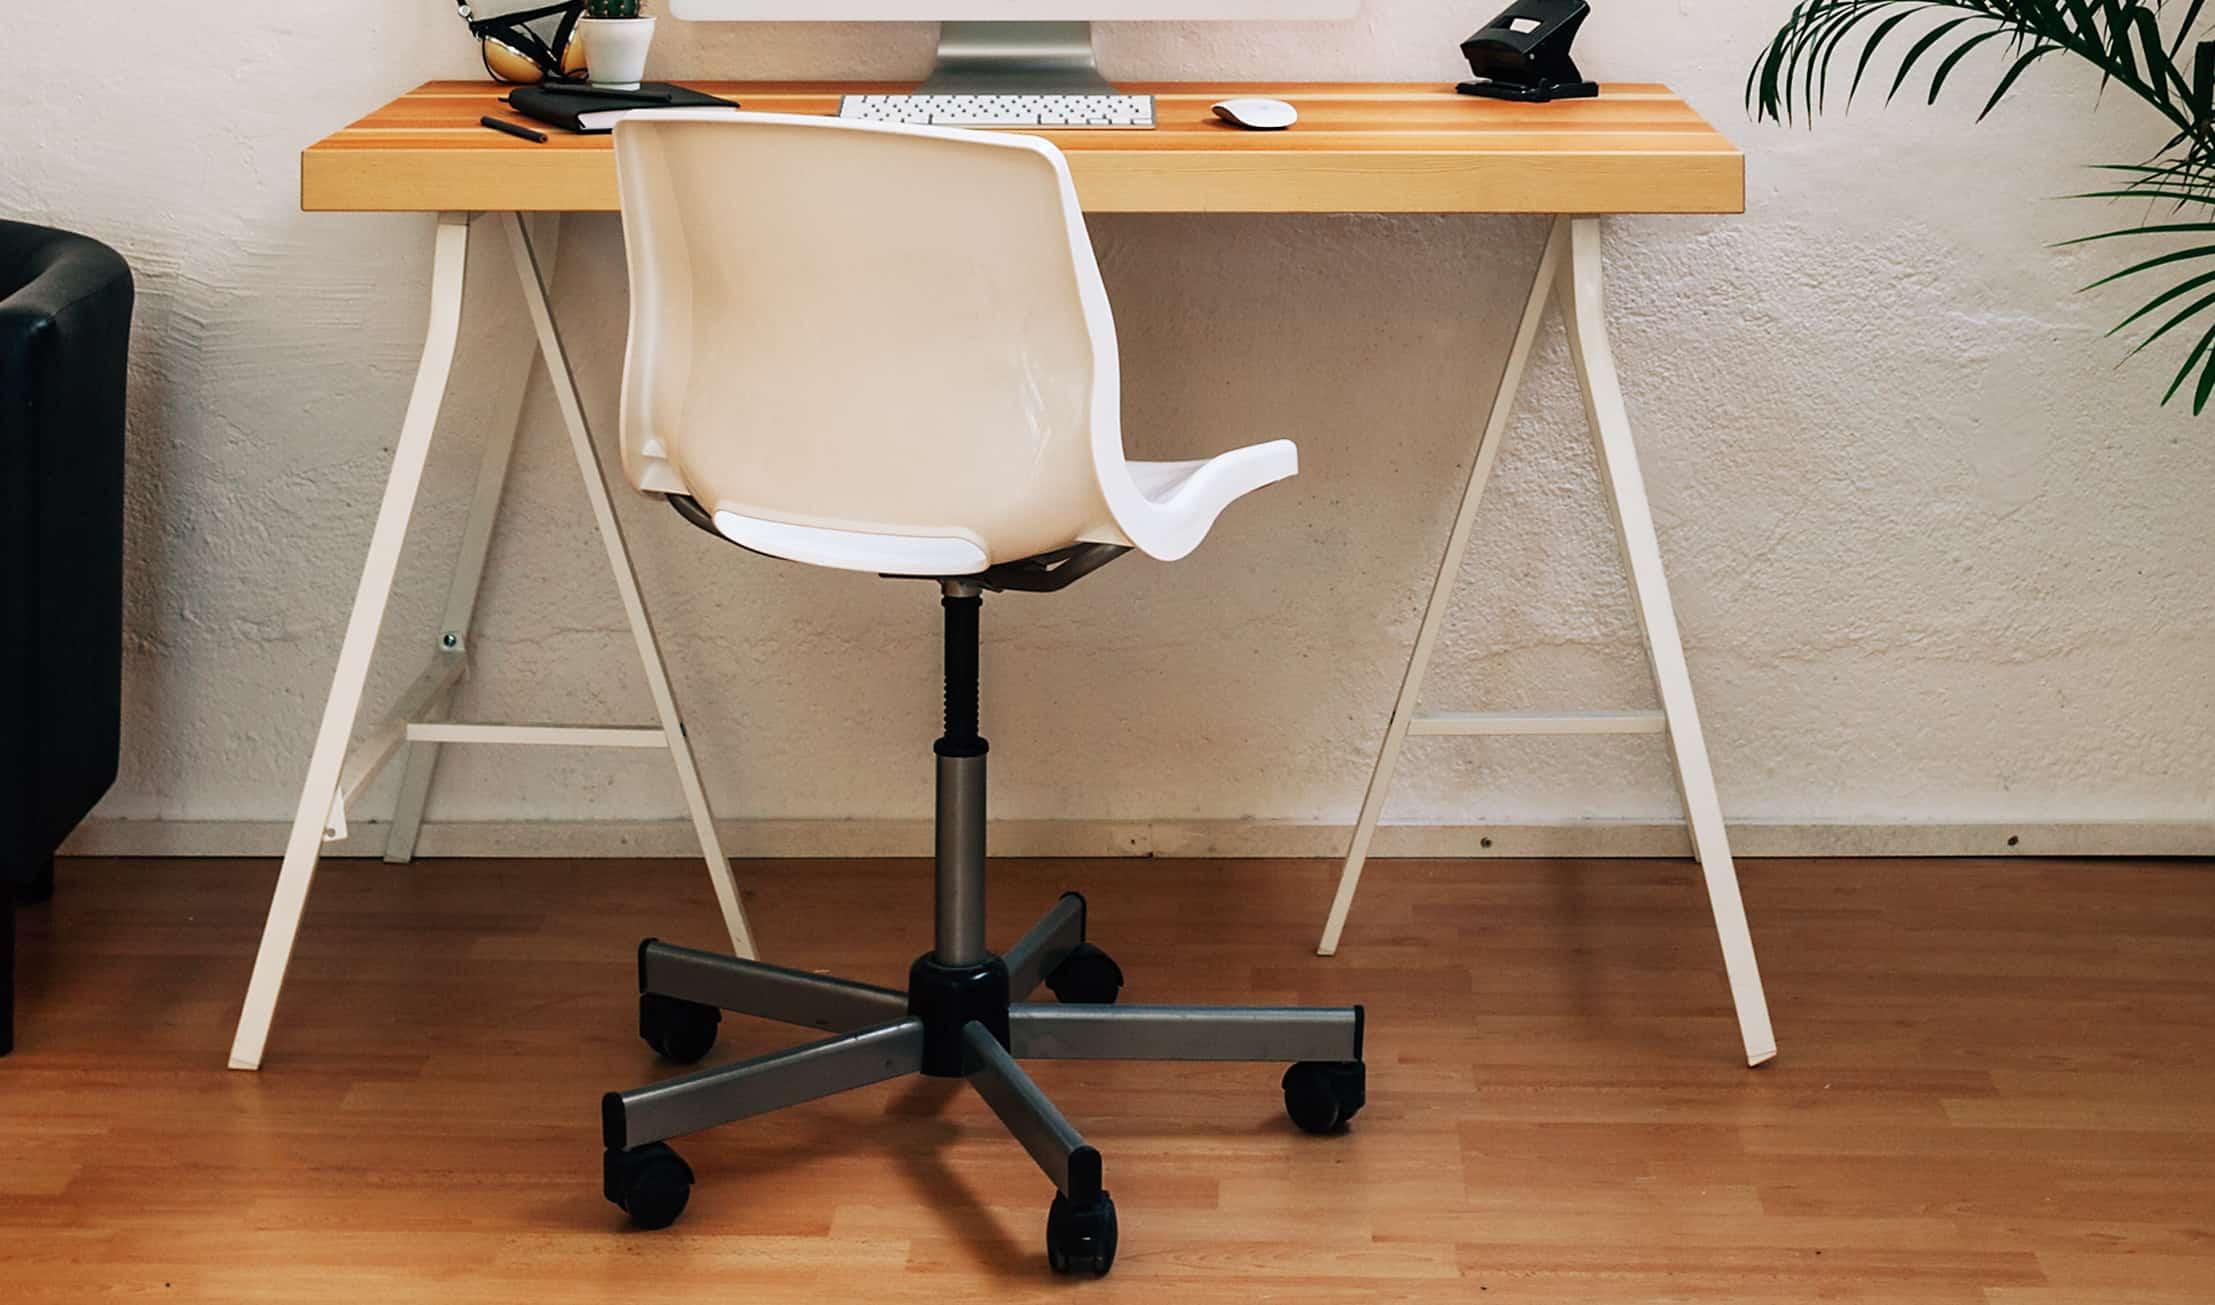 Sillas de escritorio: ¿Cuál es la mejor del 2020?